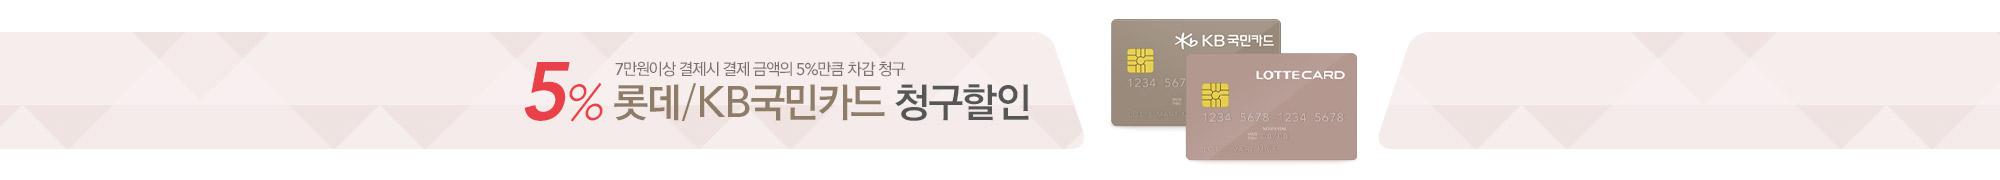 롯데/KB국민카드 5%청구할인